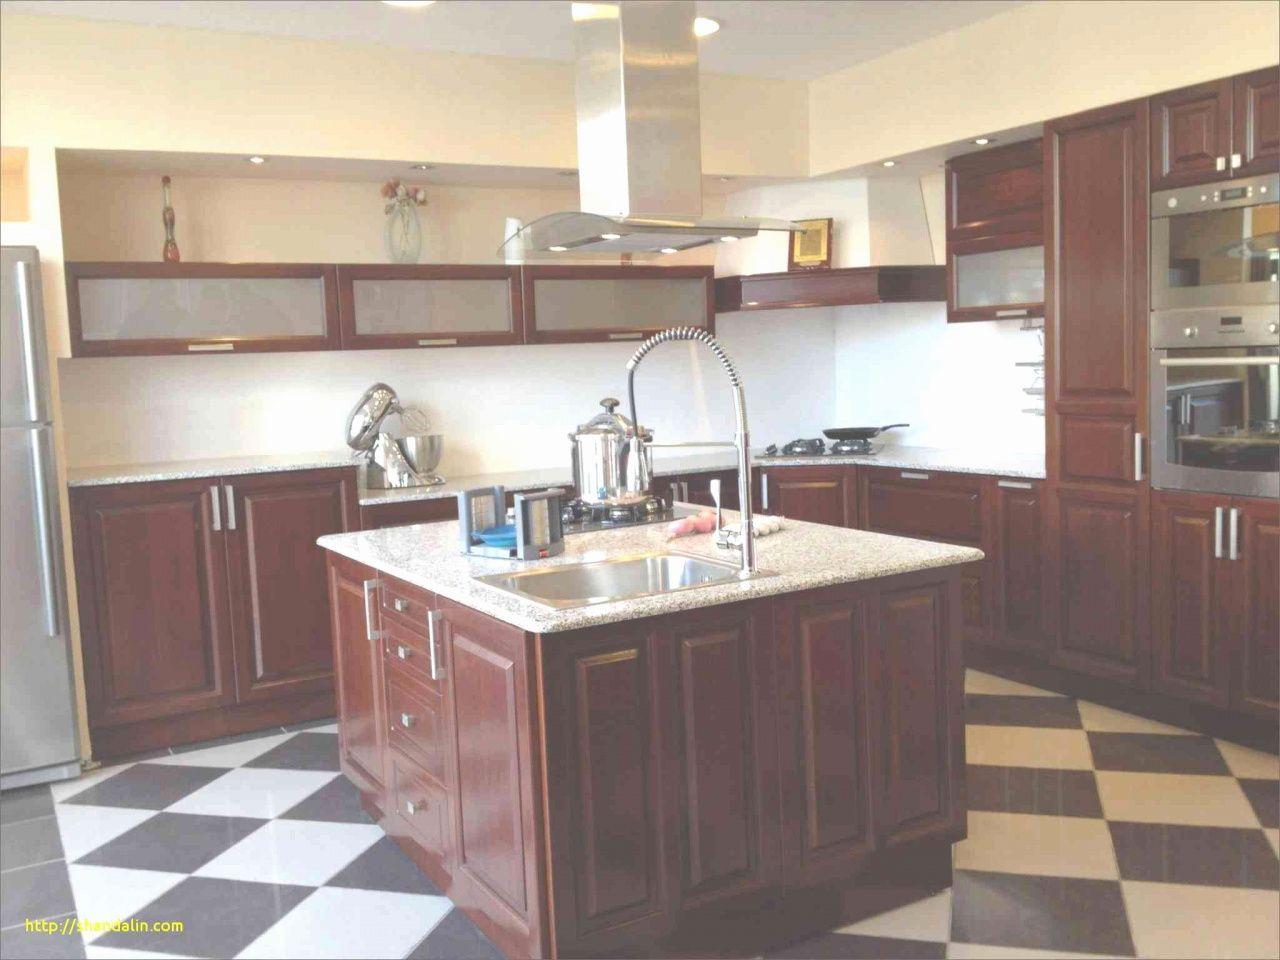 201 Fabriquer Ilot Central Avec Table Simple Kitchen Design Kitchen Sink Design Sink Design